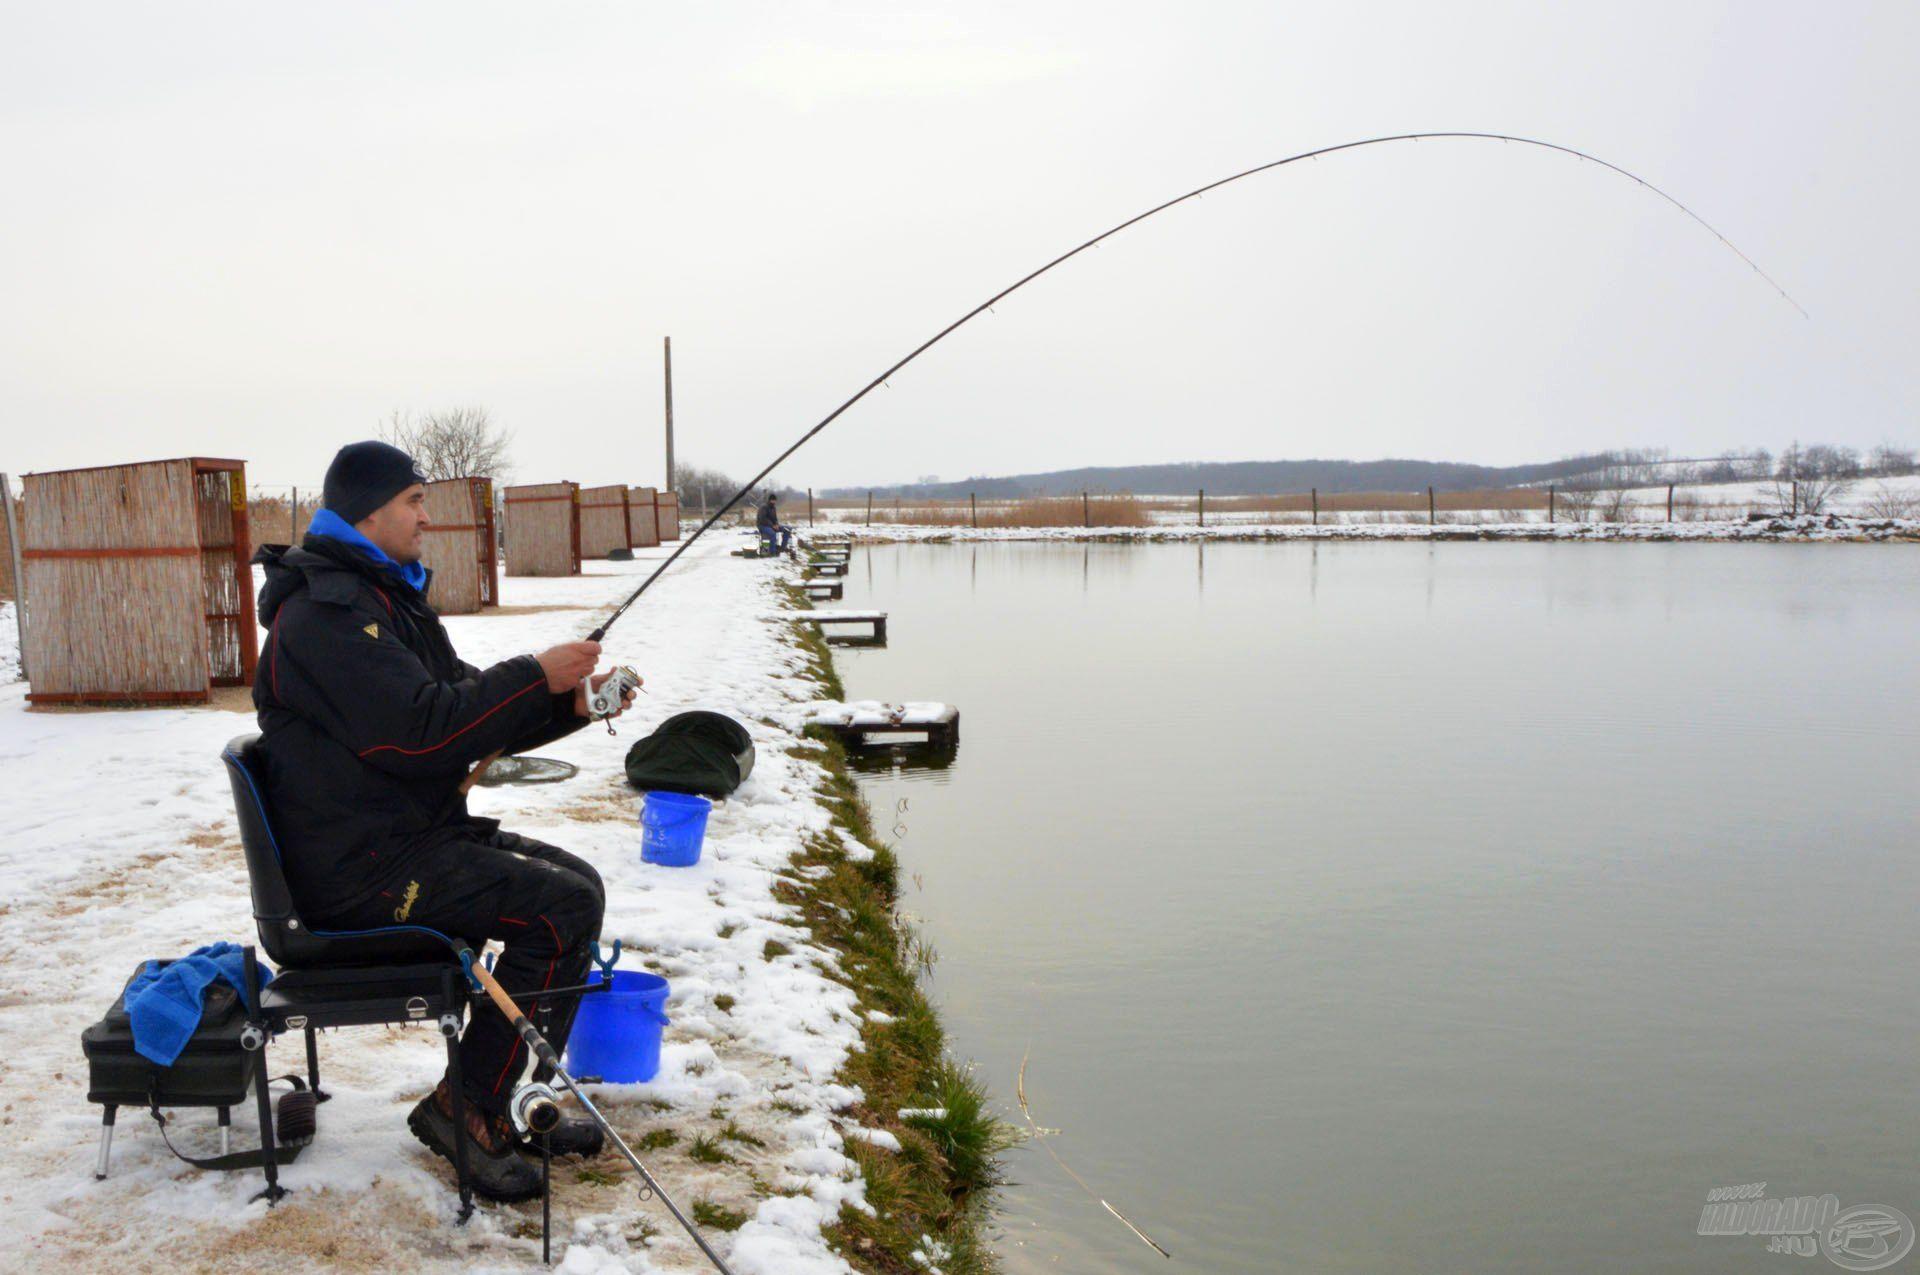 Az ésszerűség határáig érdemes finomítani akkor is, ha termetes halakra horgászunk